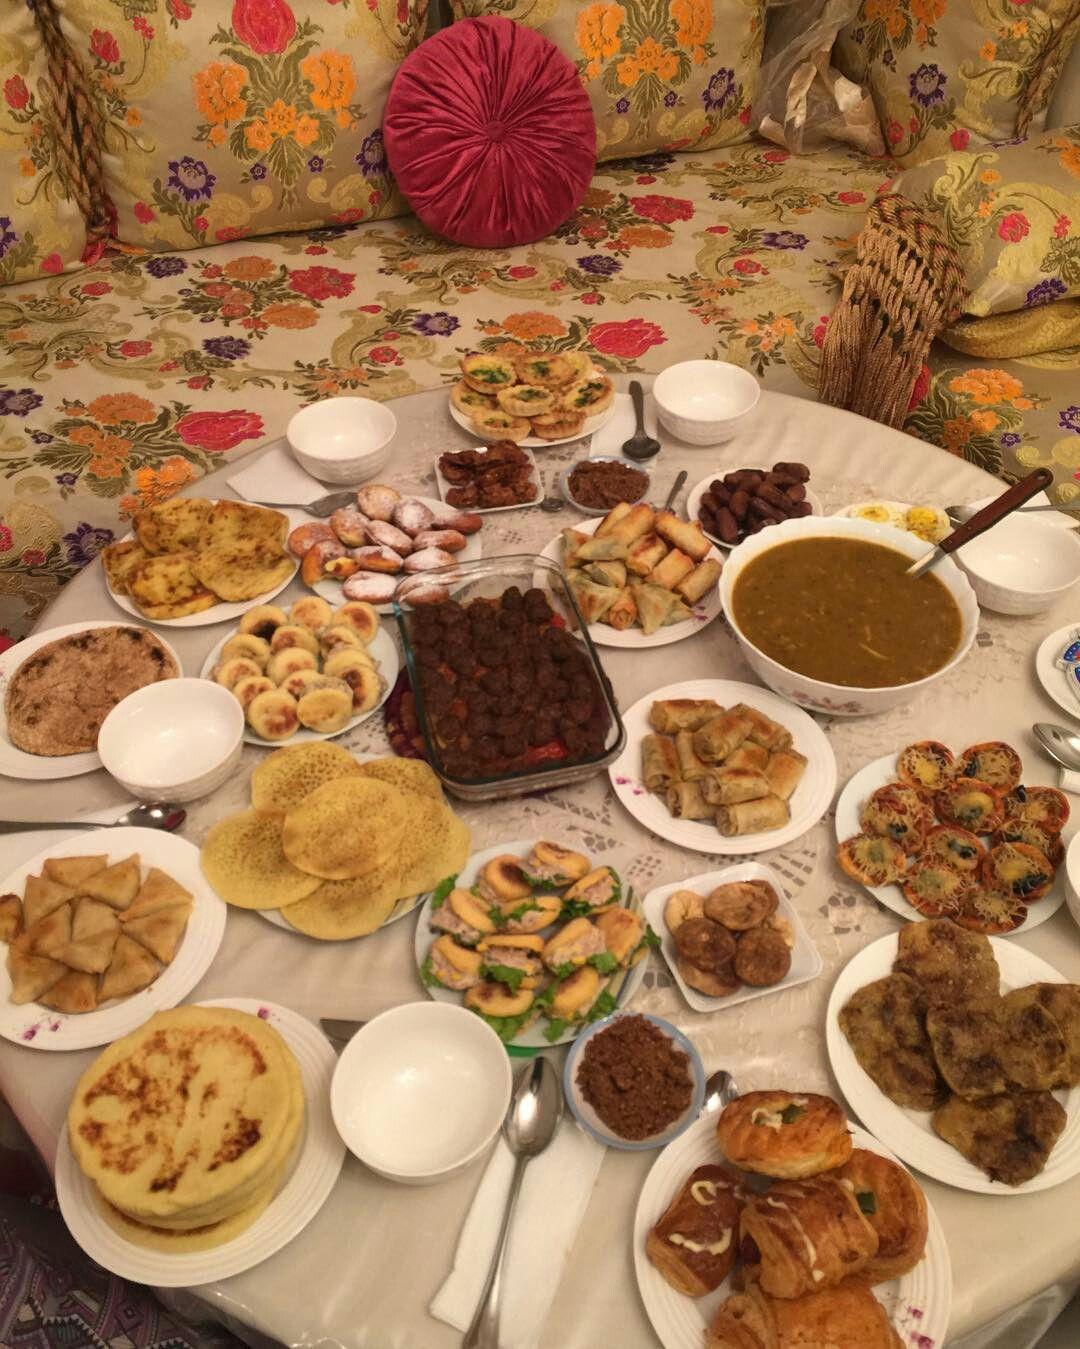 Table de ftour ramadan au maroc hello moroco Pinterest